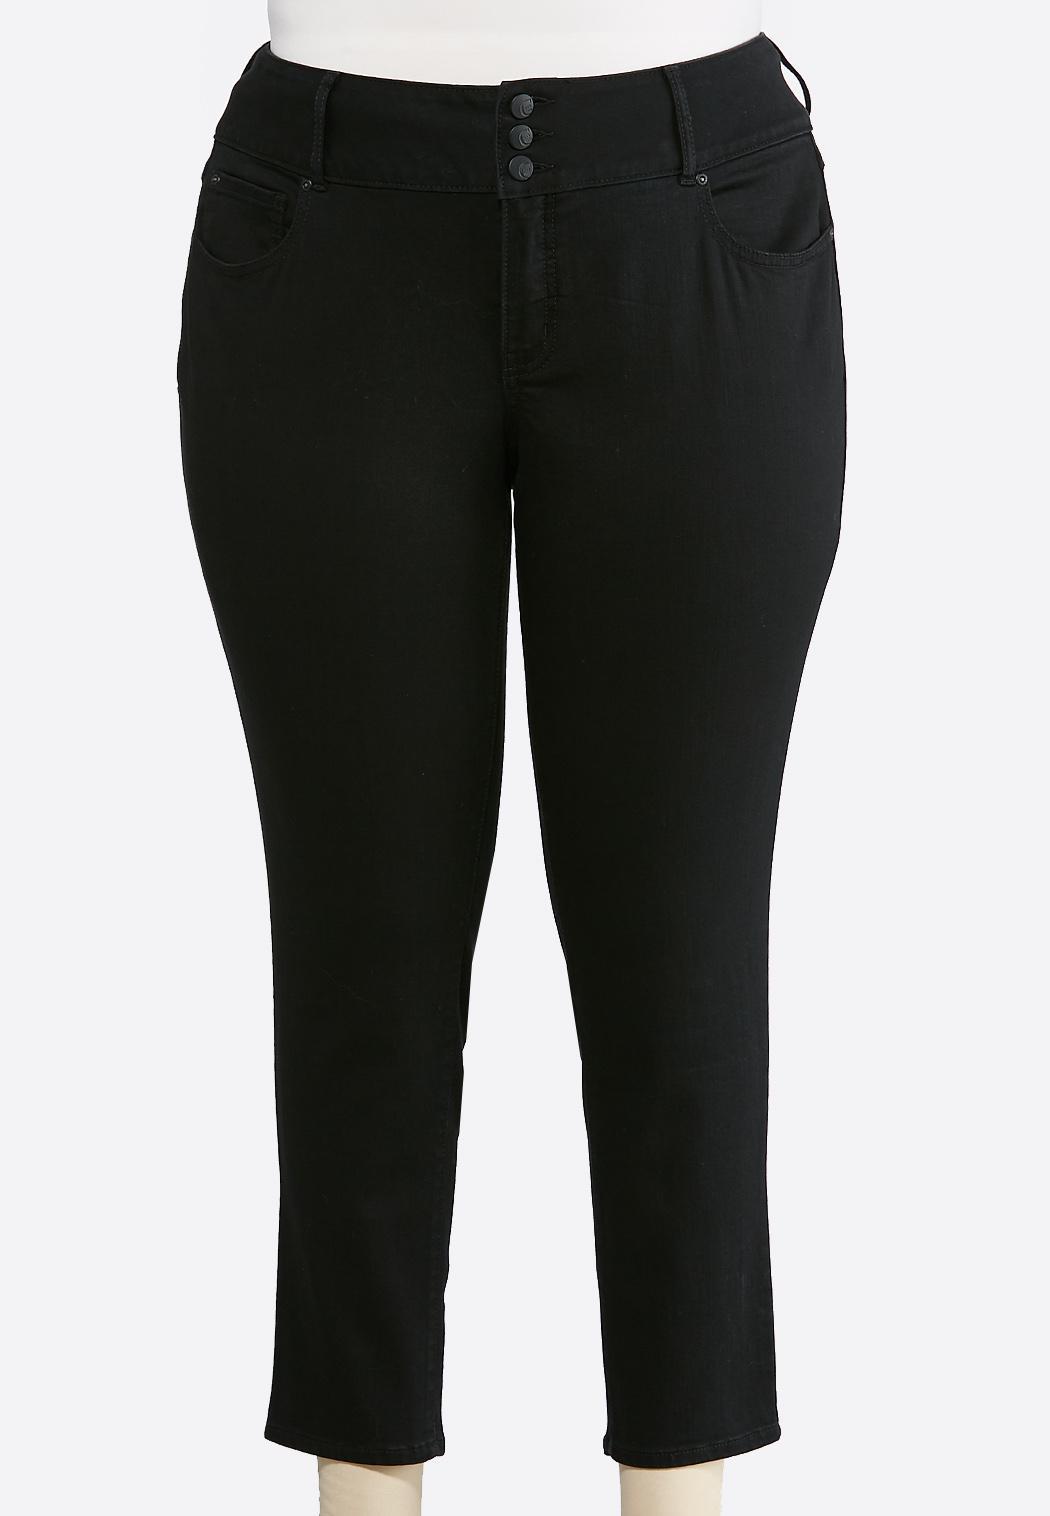 Plus Size Black Shape Enhancing Ankle Jeans